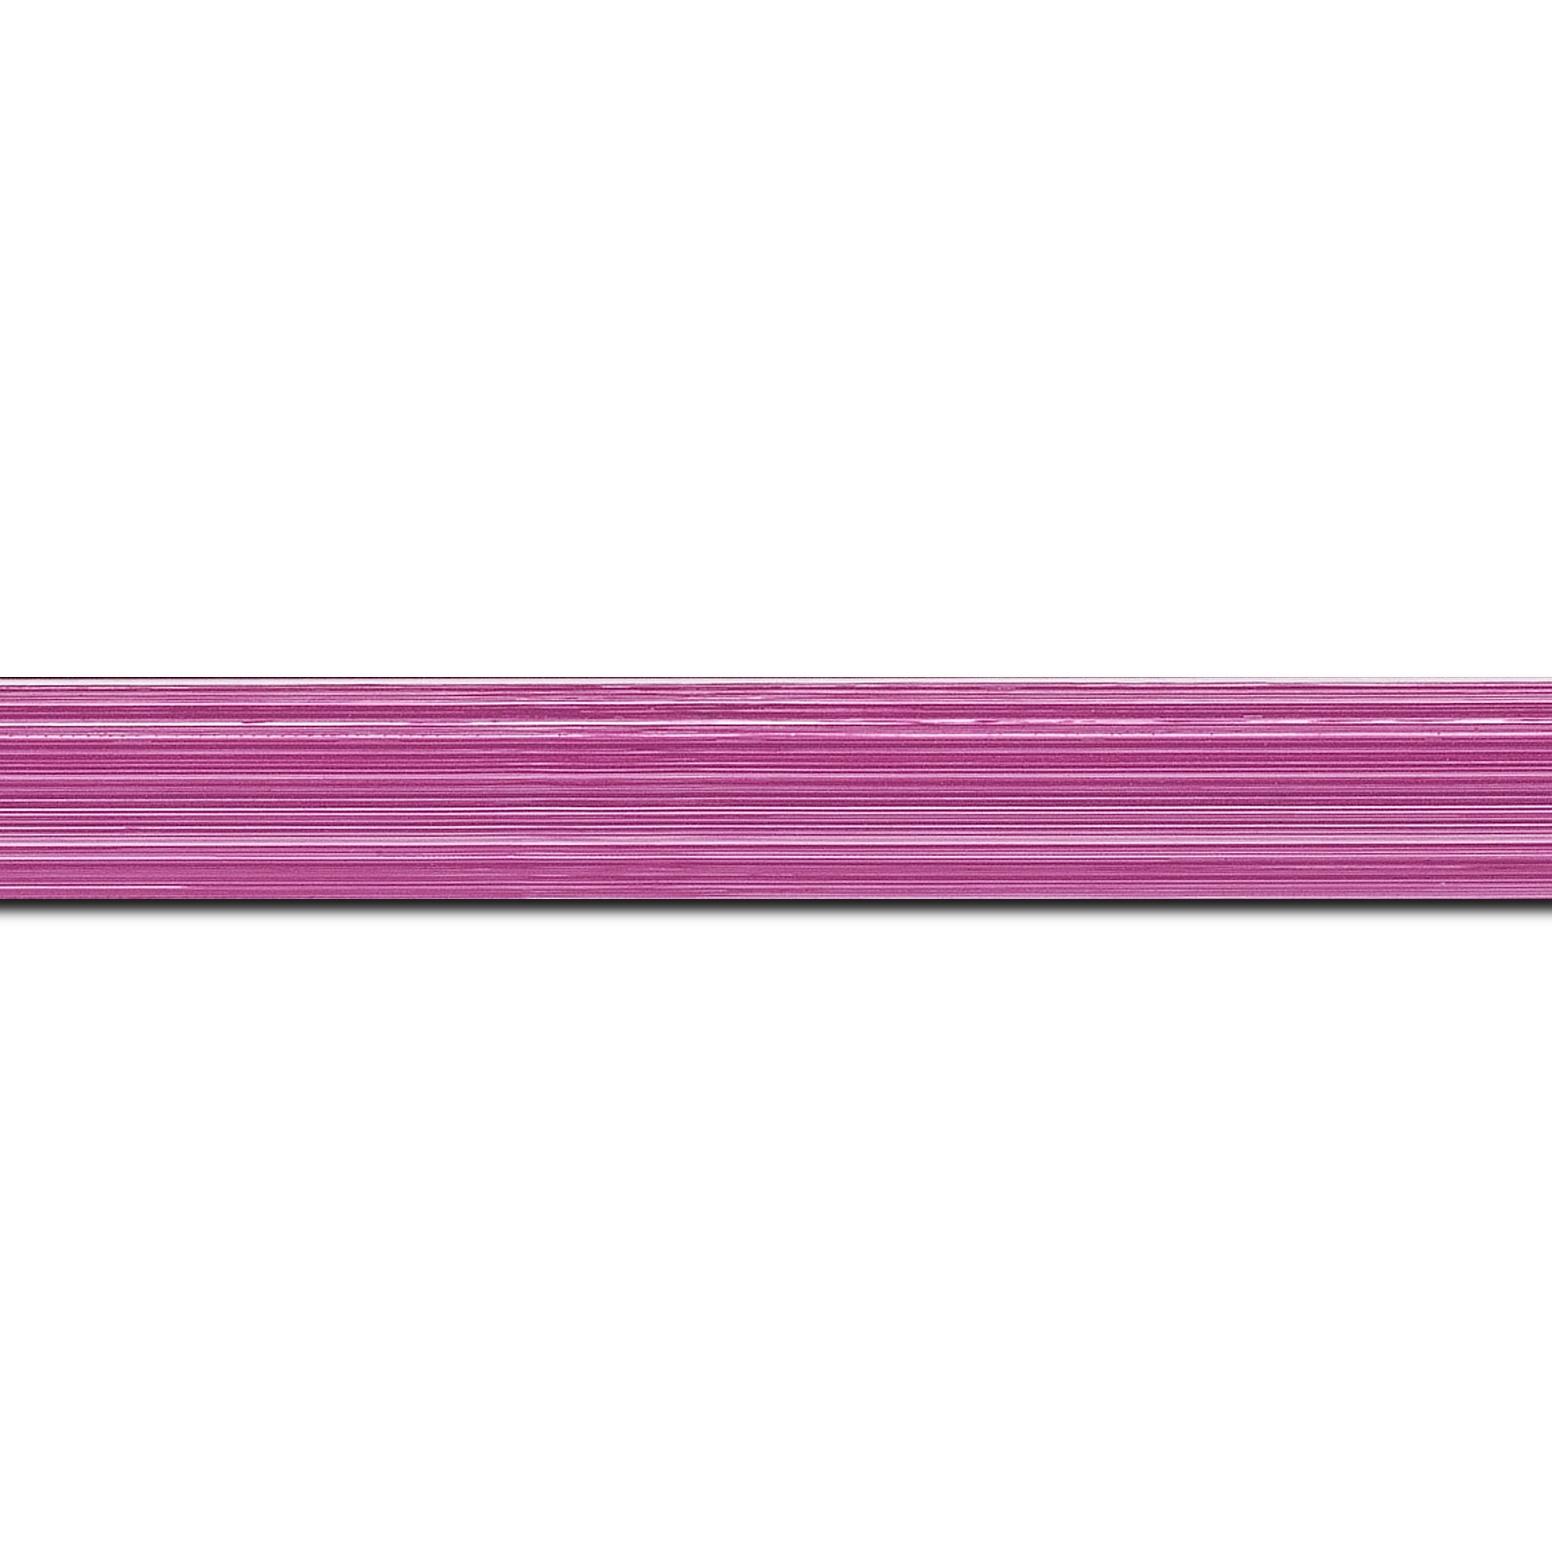 Pack par 12m, bois profil concave largeur 2.4cm couleur fushia effet matière fond blanc(longueur baguette pouvant varier entre 2.40m et 3m selon arrivage des bois)